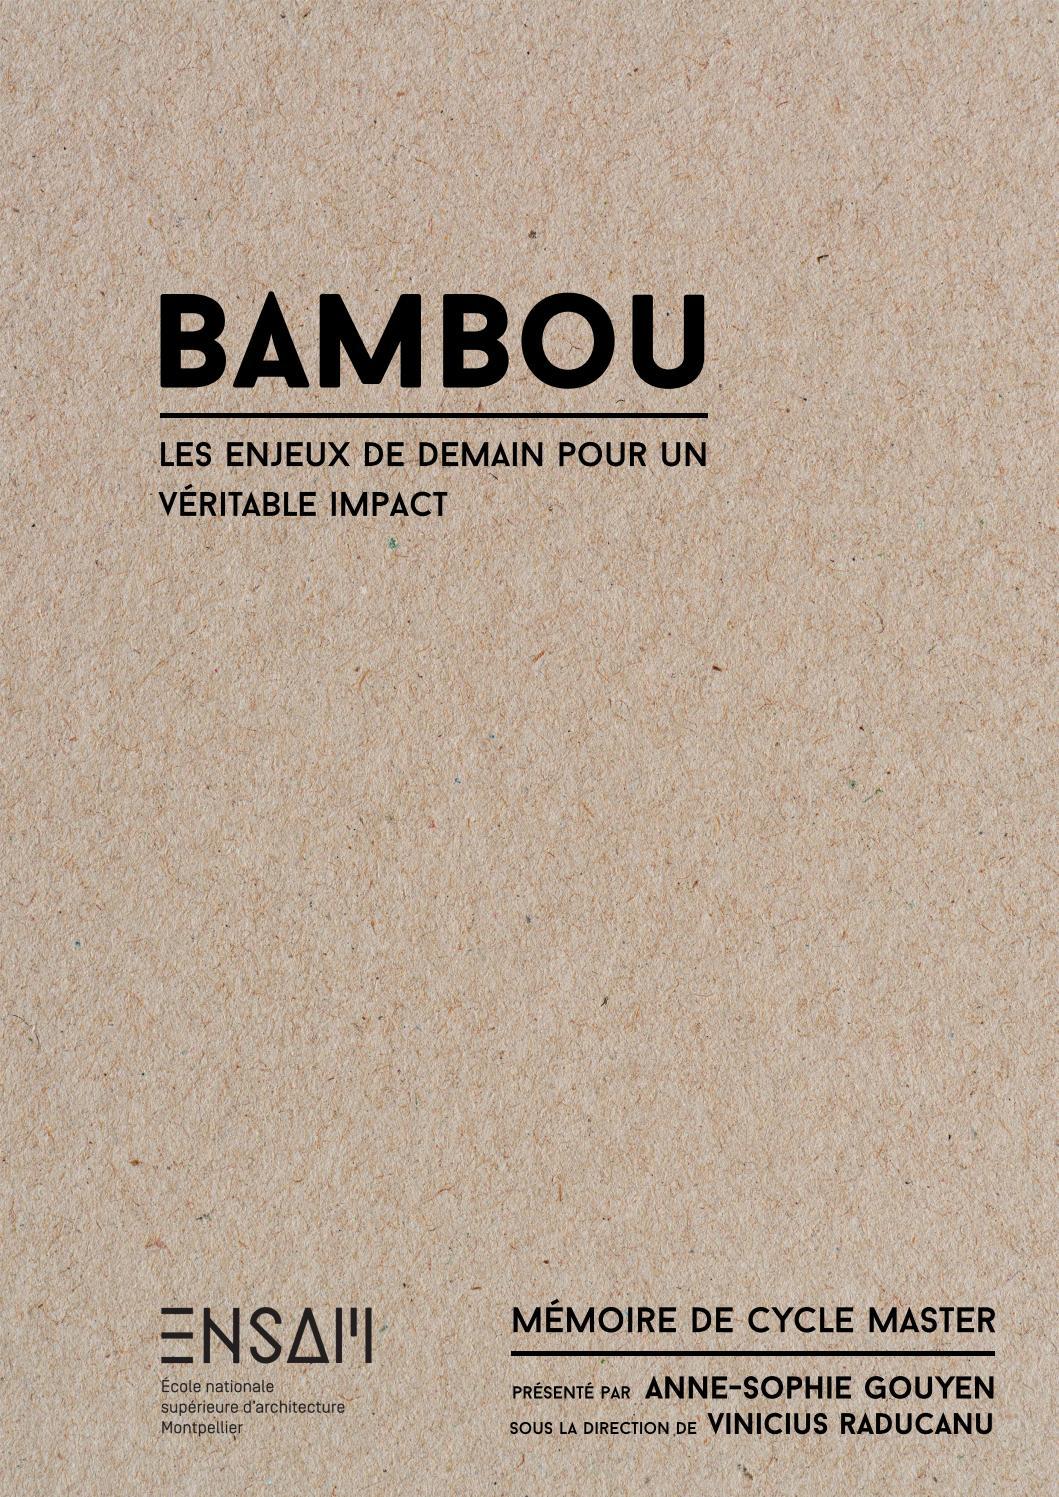 Comment Faire Pousser Bambou bambou, les enjeux pour un véritable impactanne-sophie